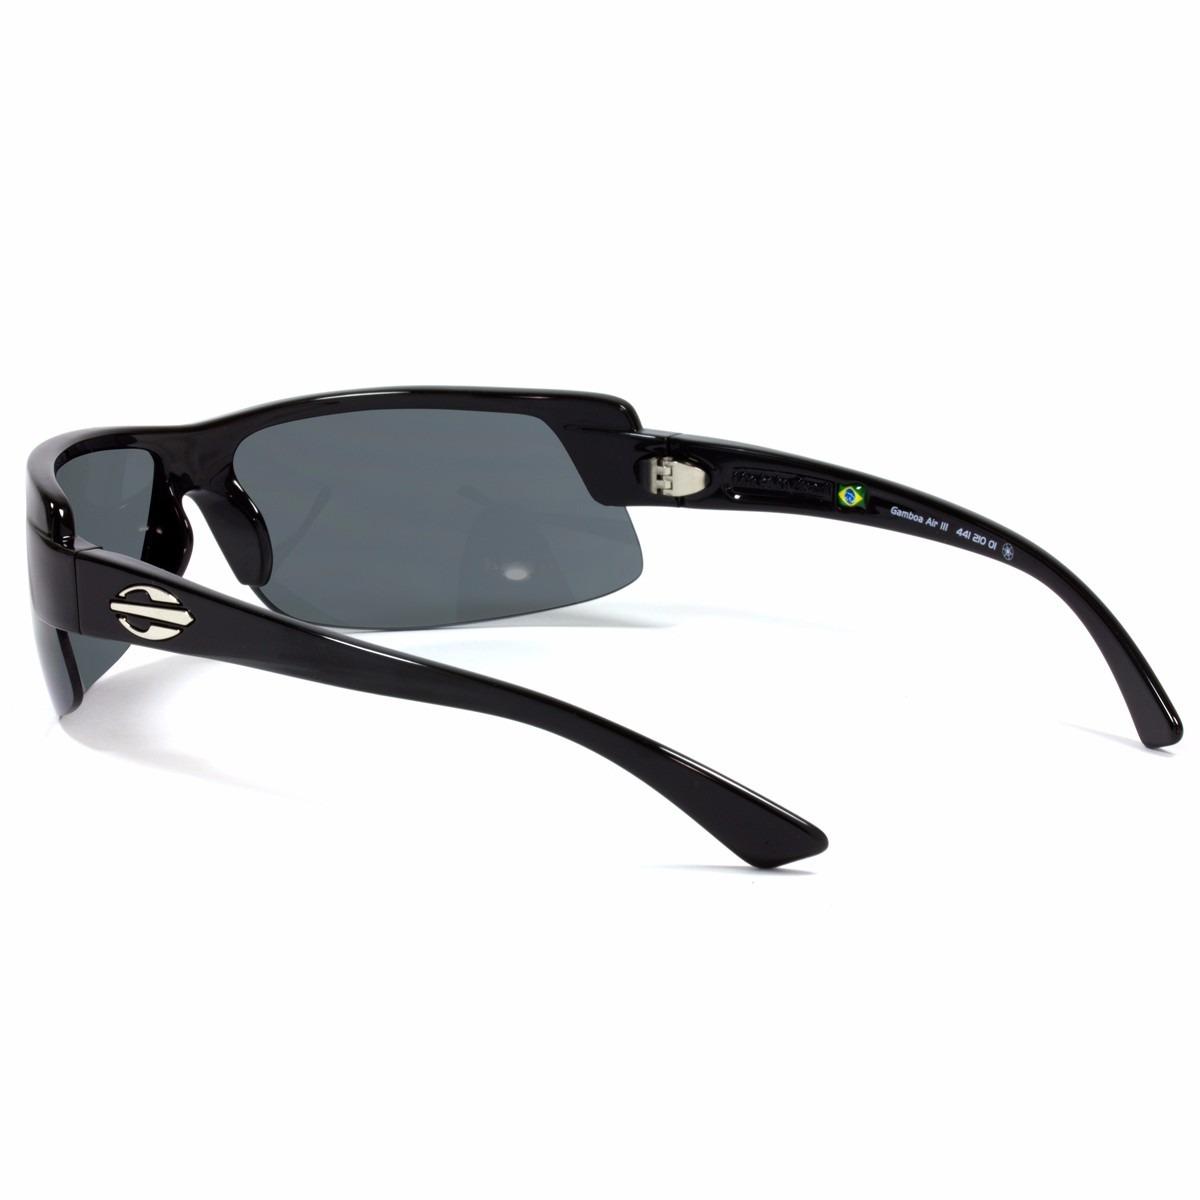 oculos sol mormaii gamboa air 3 esportivo preto brilhante. Carregando zoom. d1563781ef